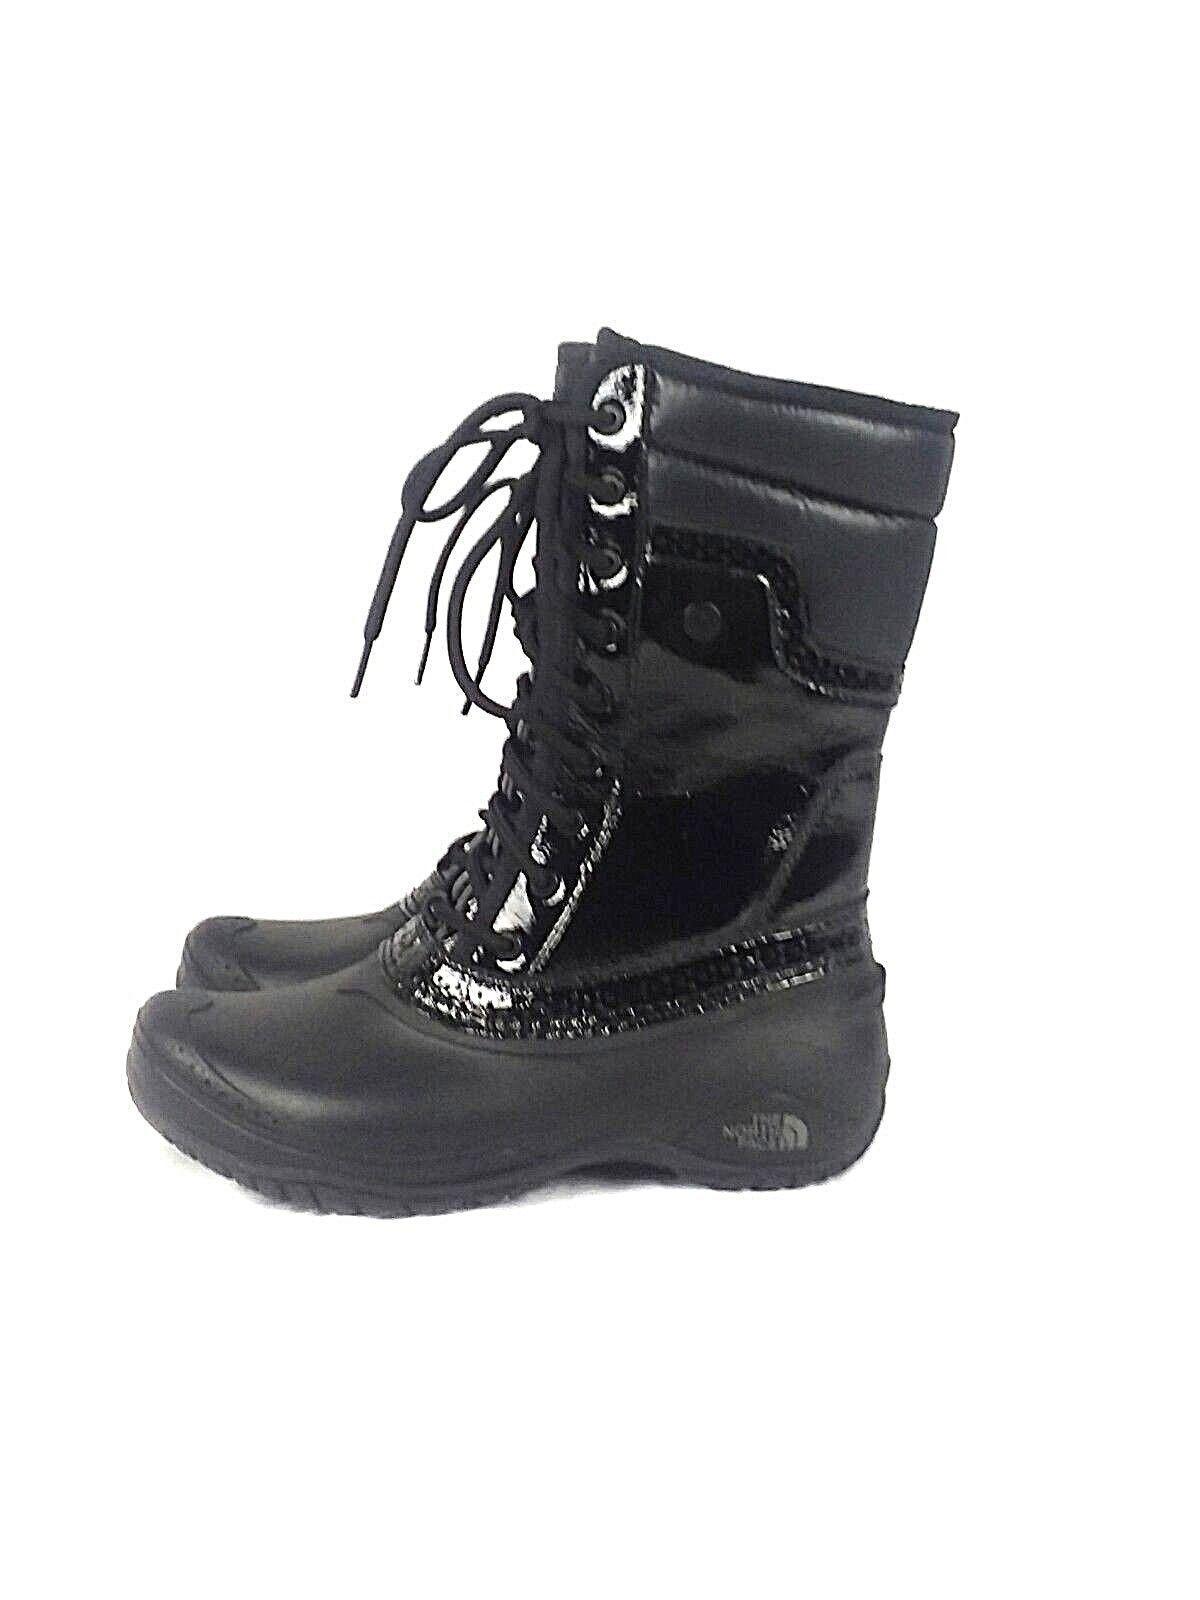 The North Face Shellista II Mid botas Impermeables De De De Lujo Para Mujer Negro Talla 10.5  venta mundialmente famosa en línea